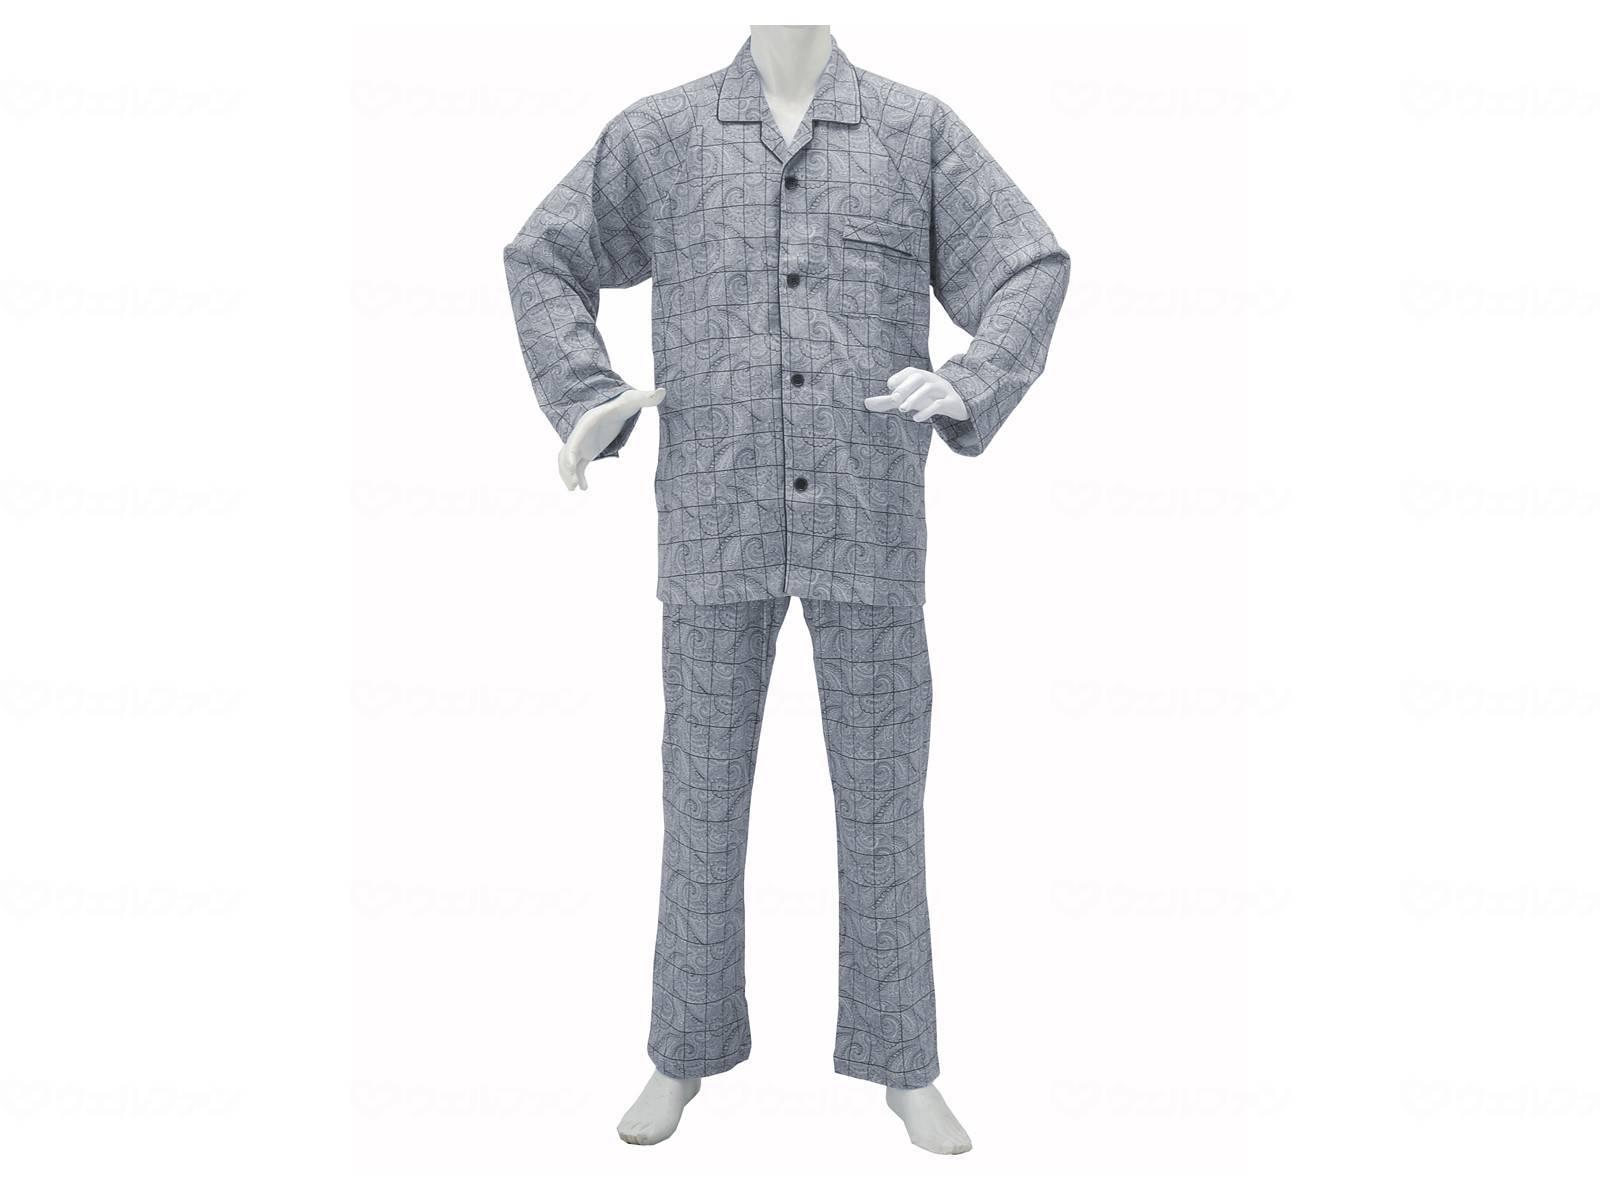 紳士楽らくパジャマ ペーズリー柄の画像